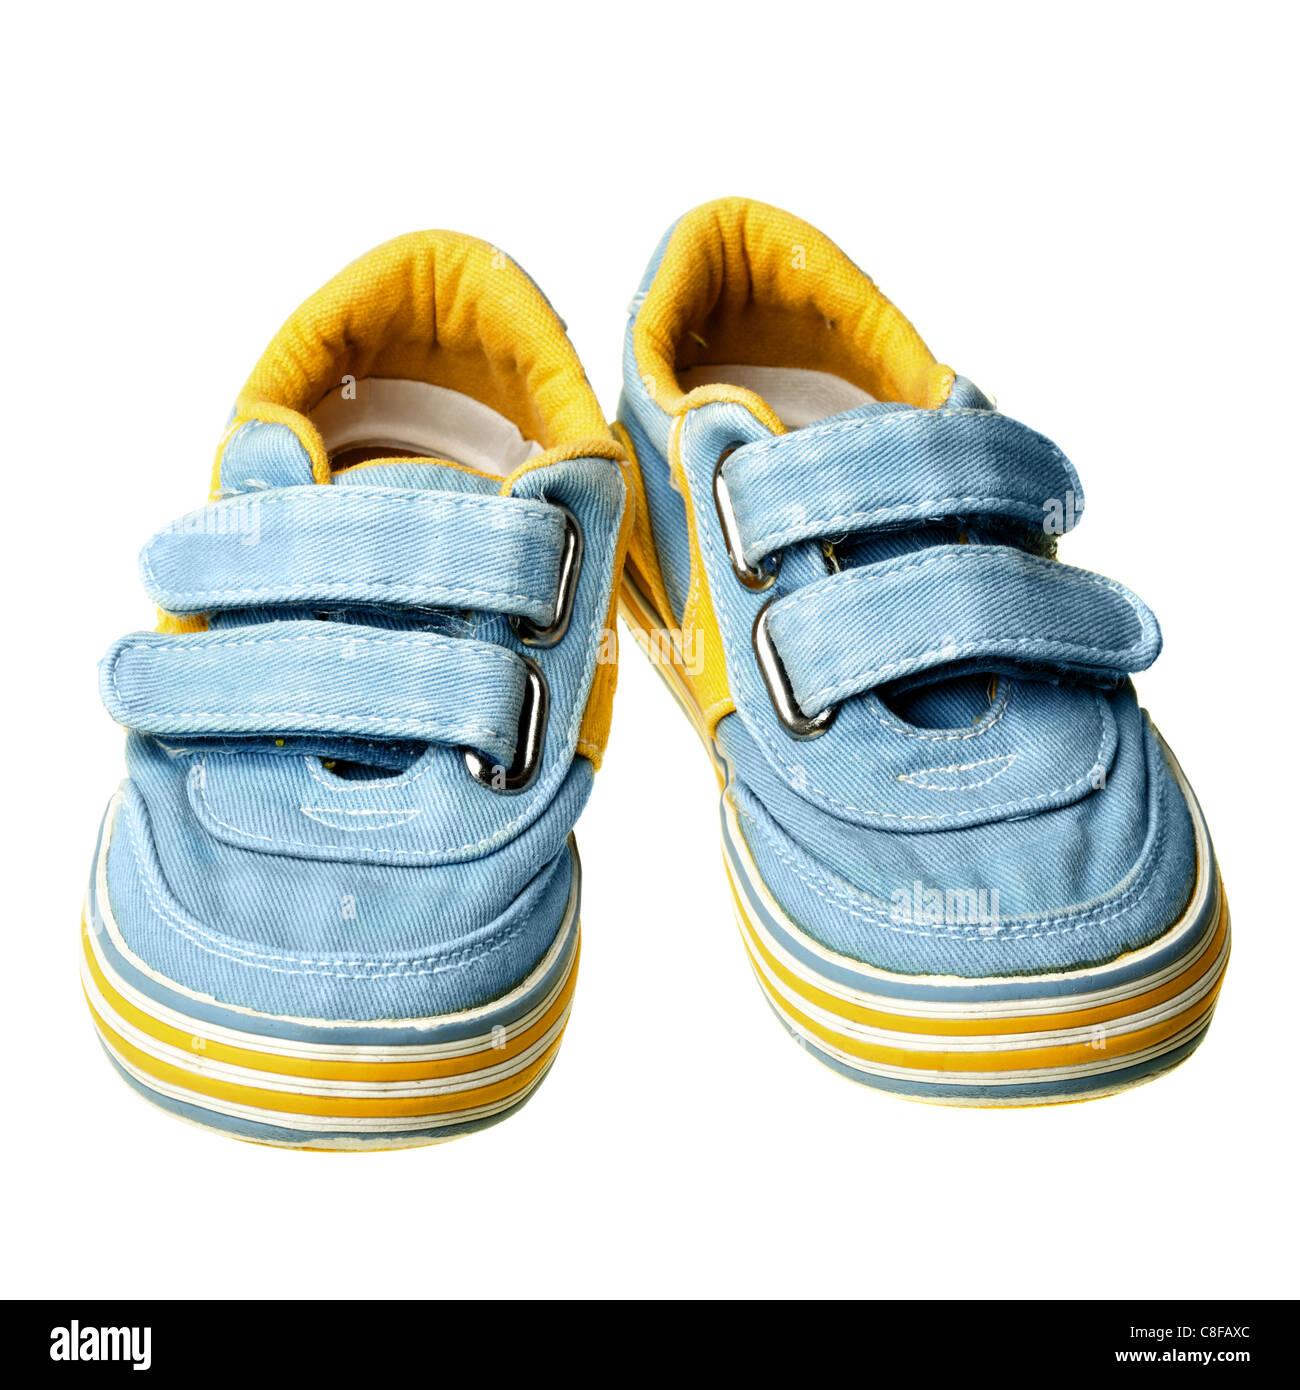 Les chaussures pour enfants sur l'isolé sur fond blanc Photo Stock